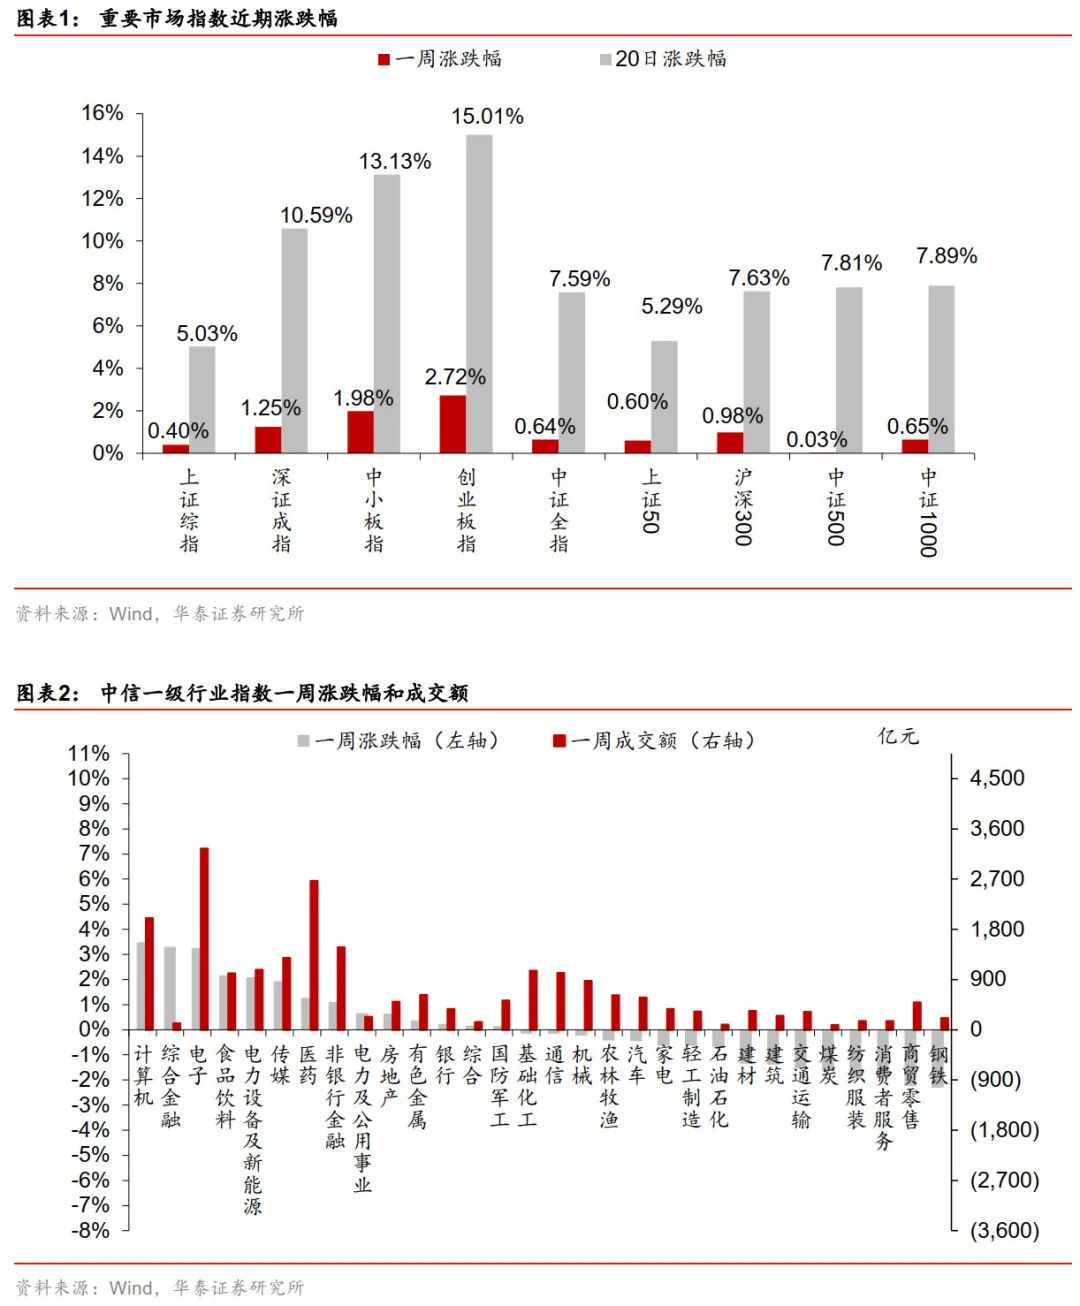 【华泰金工林晓明团队】上周盈利因子表现良好——华泰金工因子跟踪周报20200628